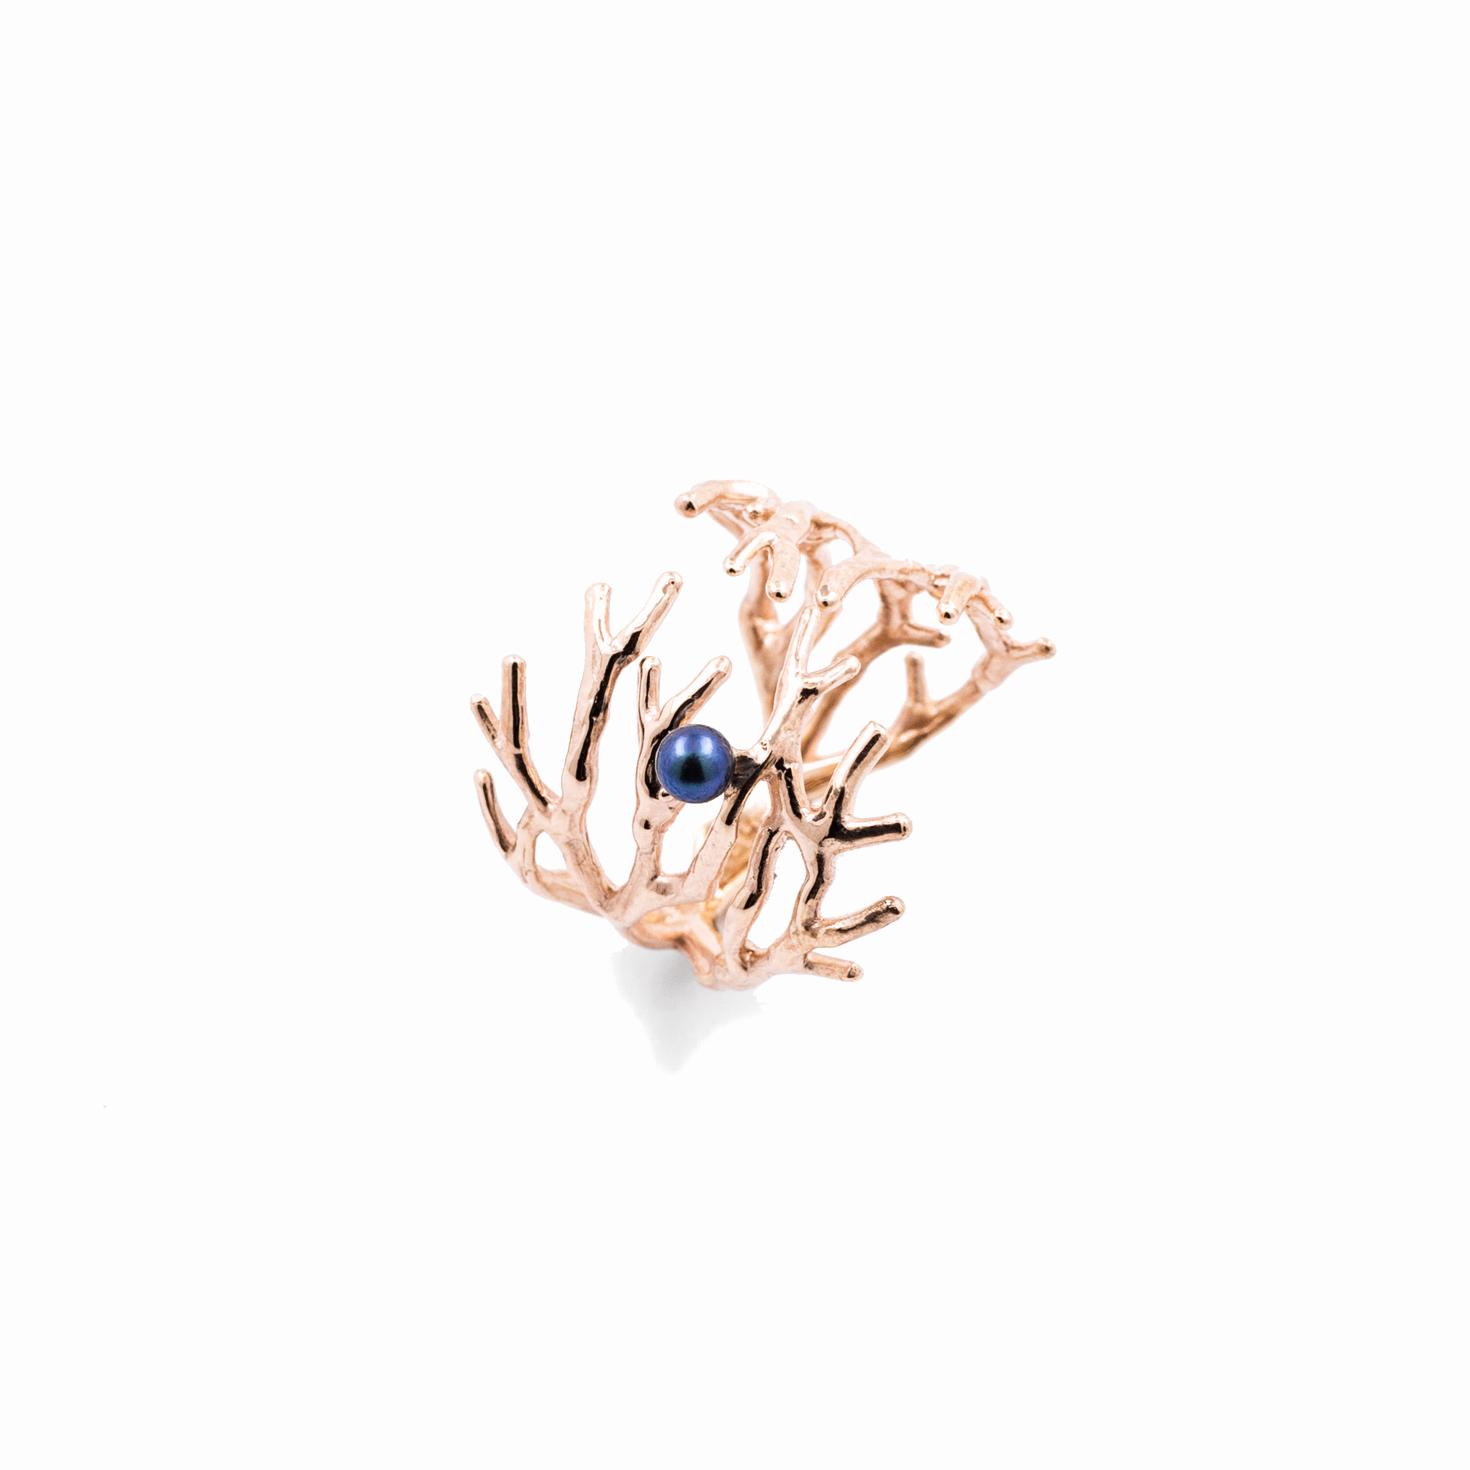 Dendrite Ring | Rose gold, pearl.